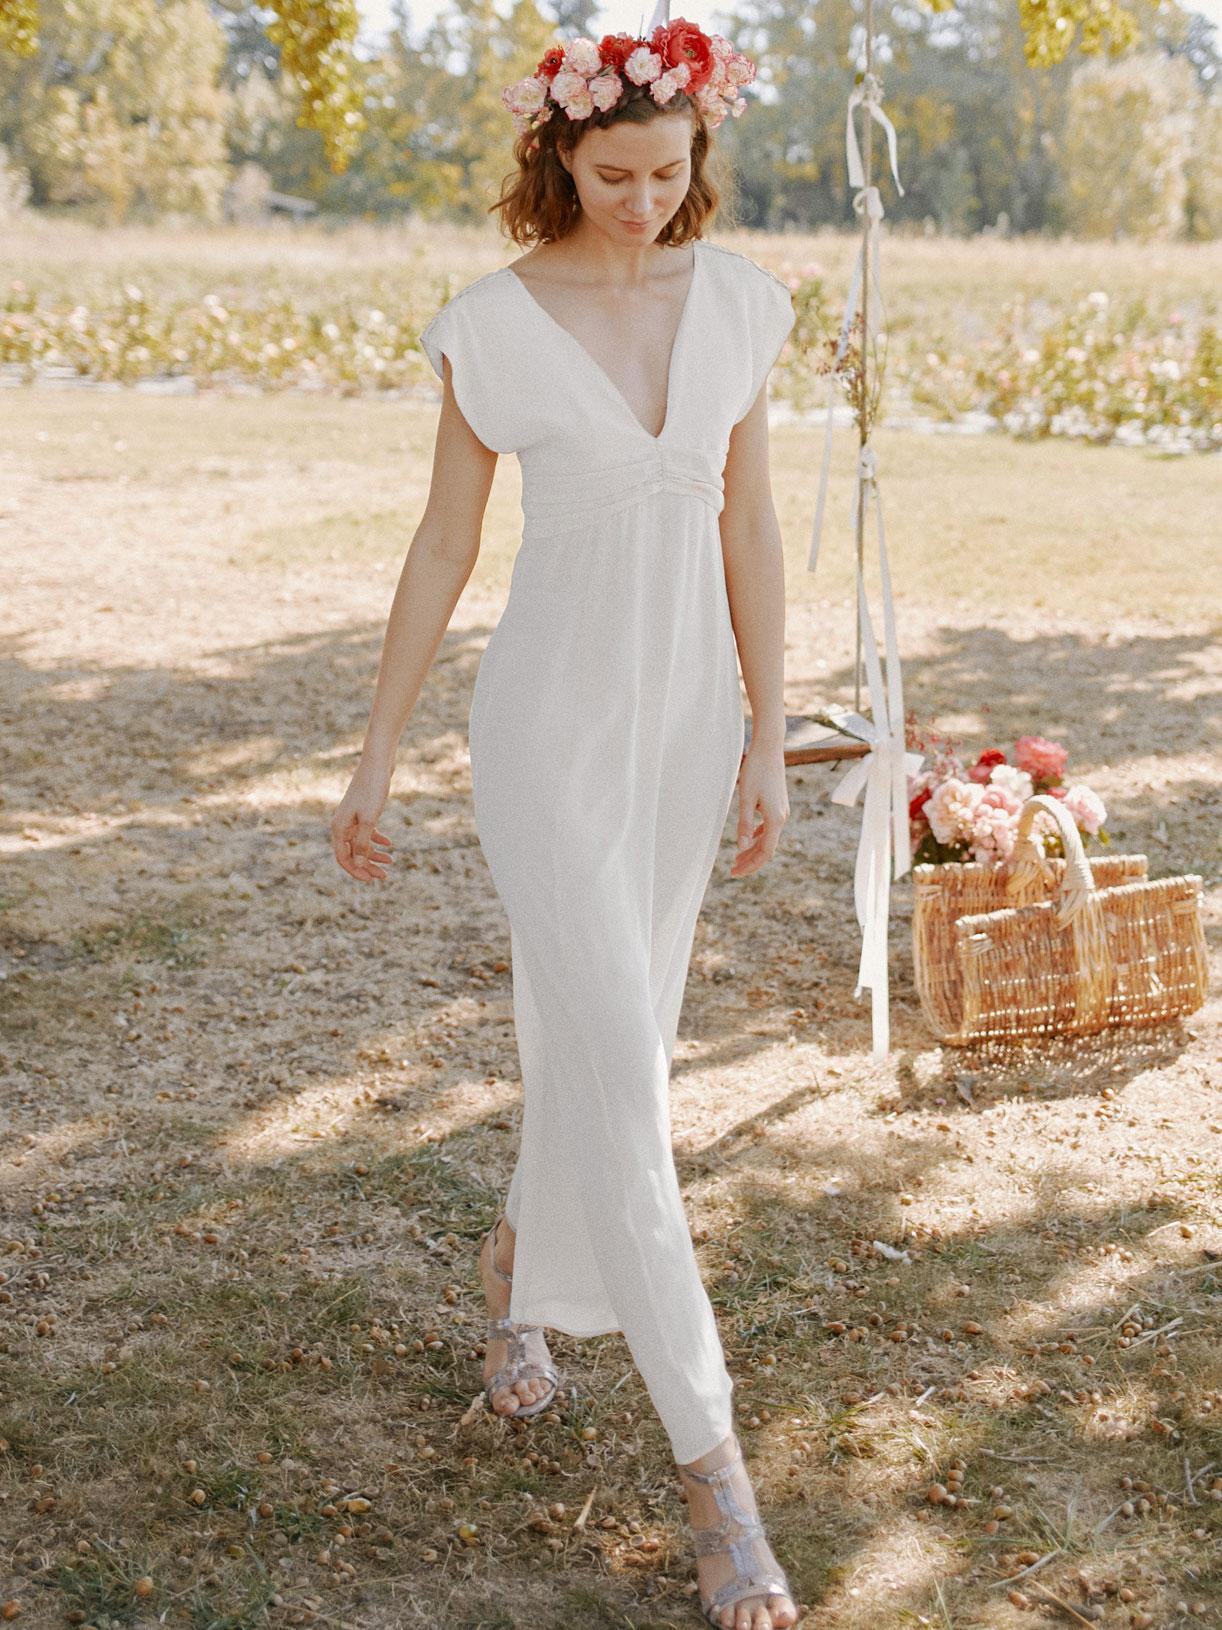 Robe de mariée civil longue vegan écoresponsable - Creatrice de robe de mariée éthique et bio a Paris - Myphilosophy